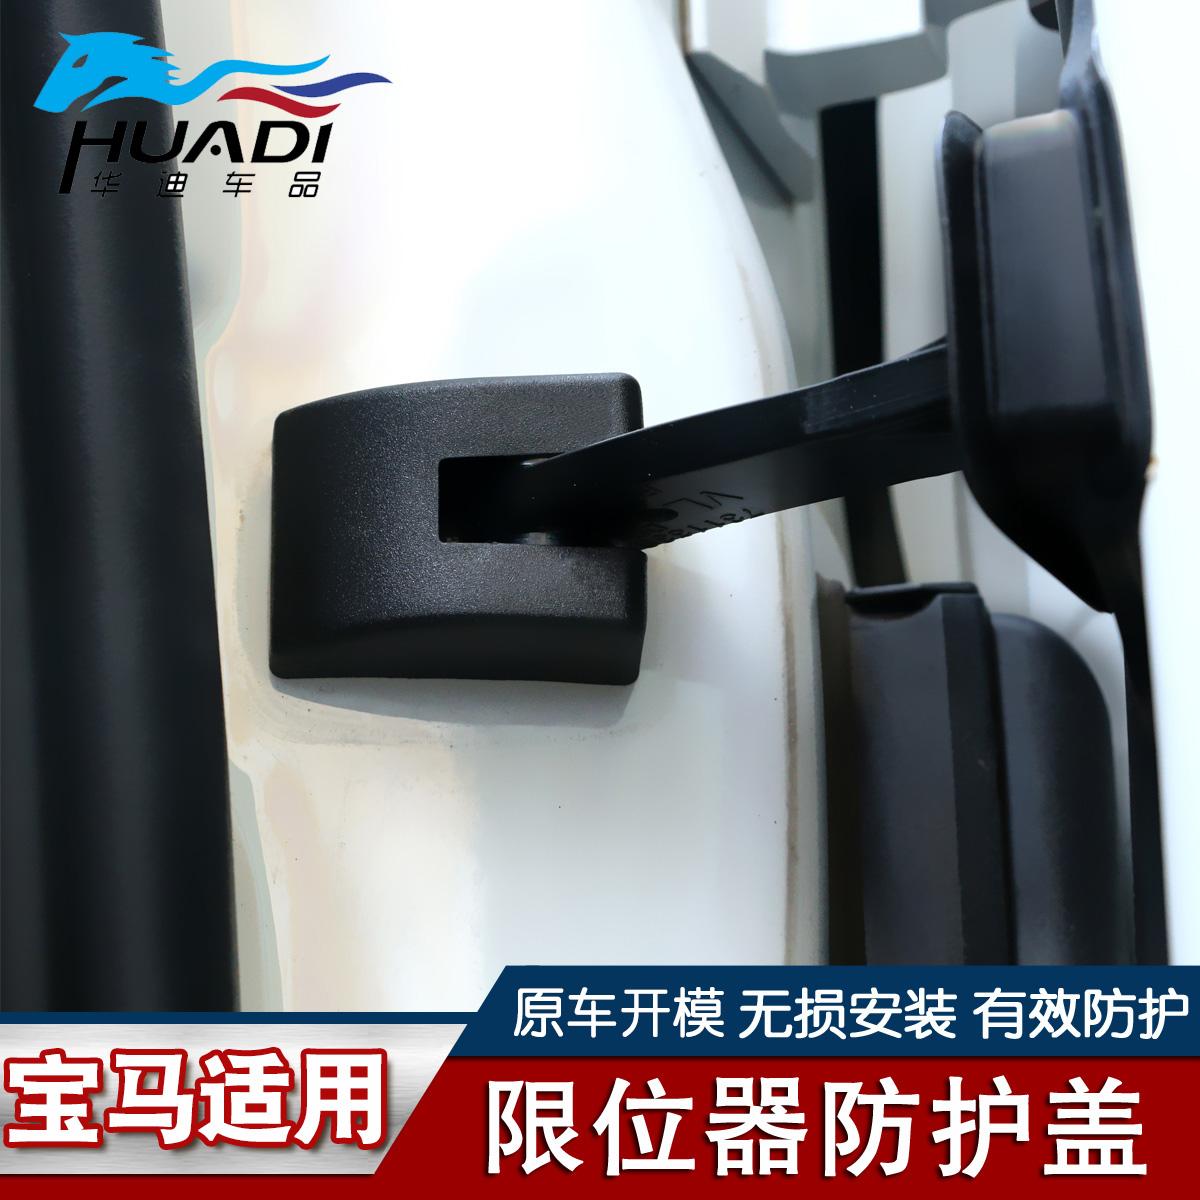 适用于宝马内饰改装新x1车门限位器盖防护盖新X1防锈保护盖改装